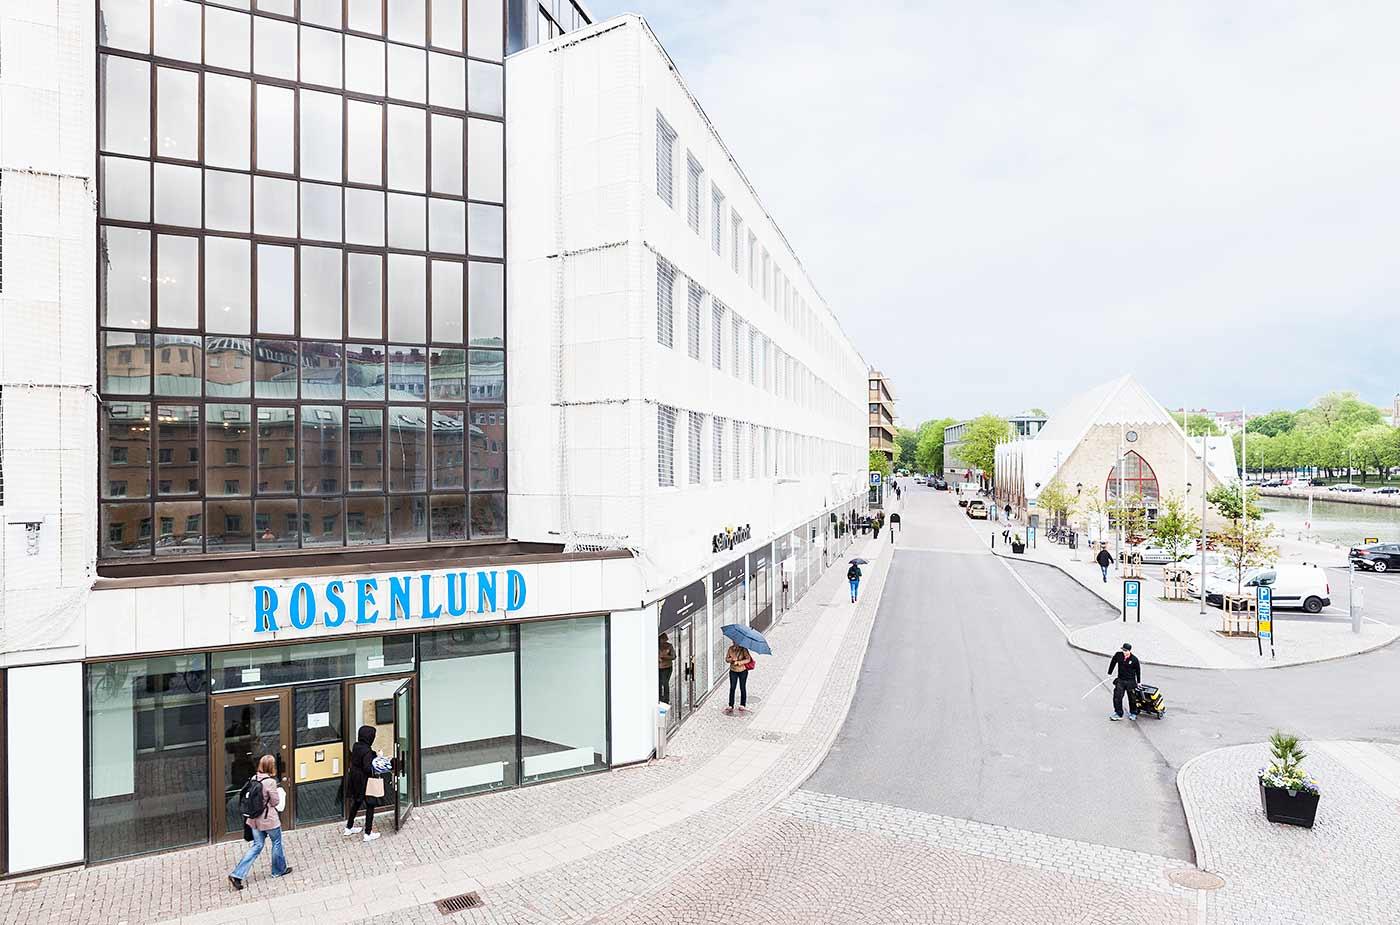 Rosenlund